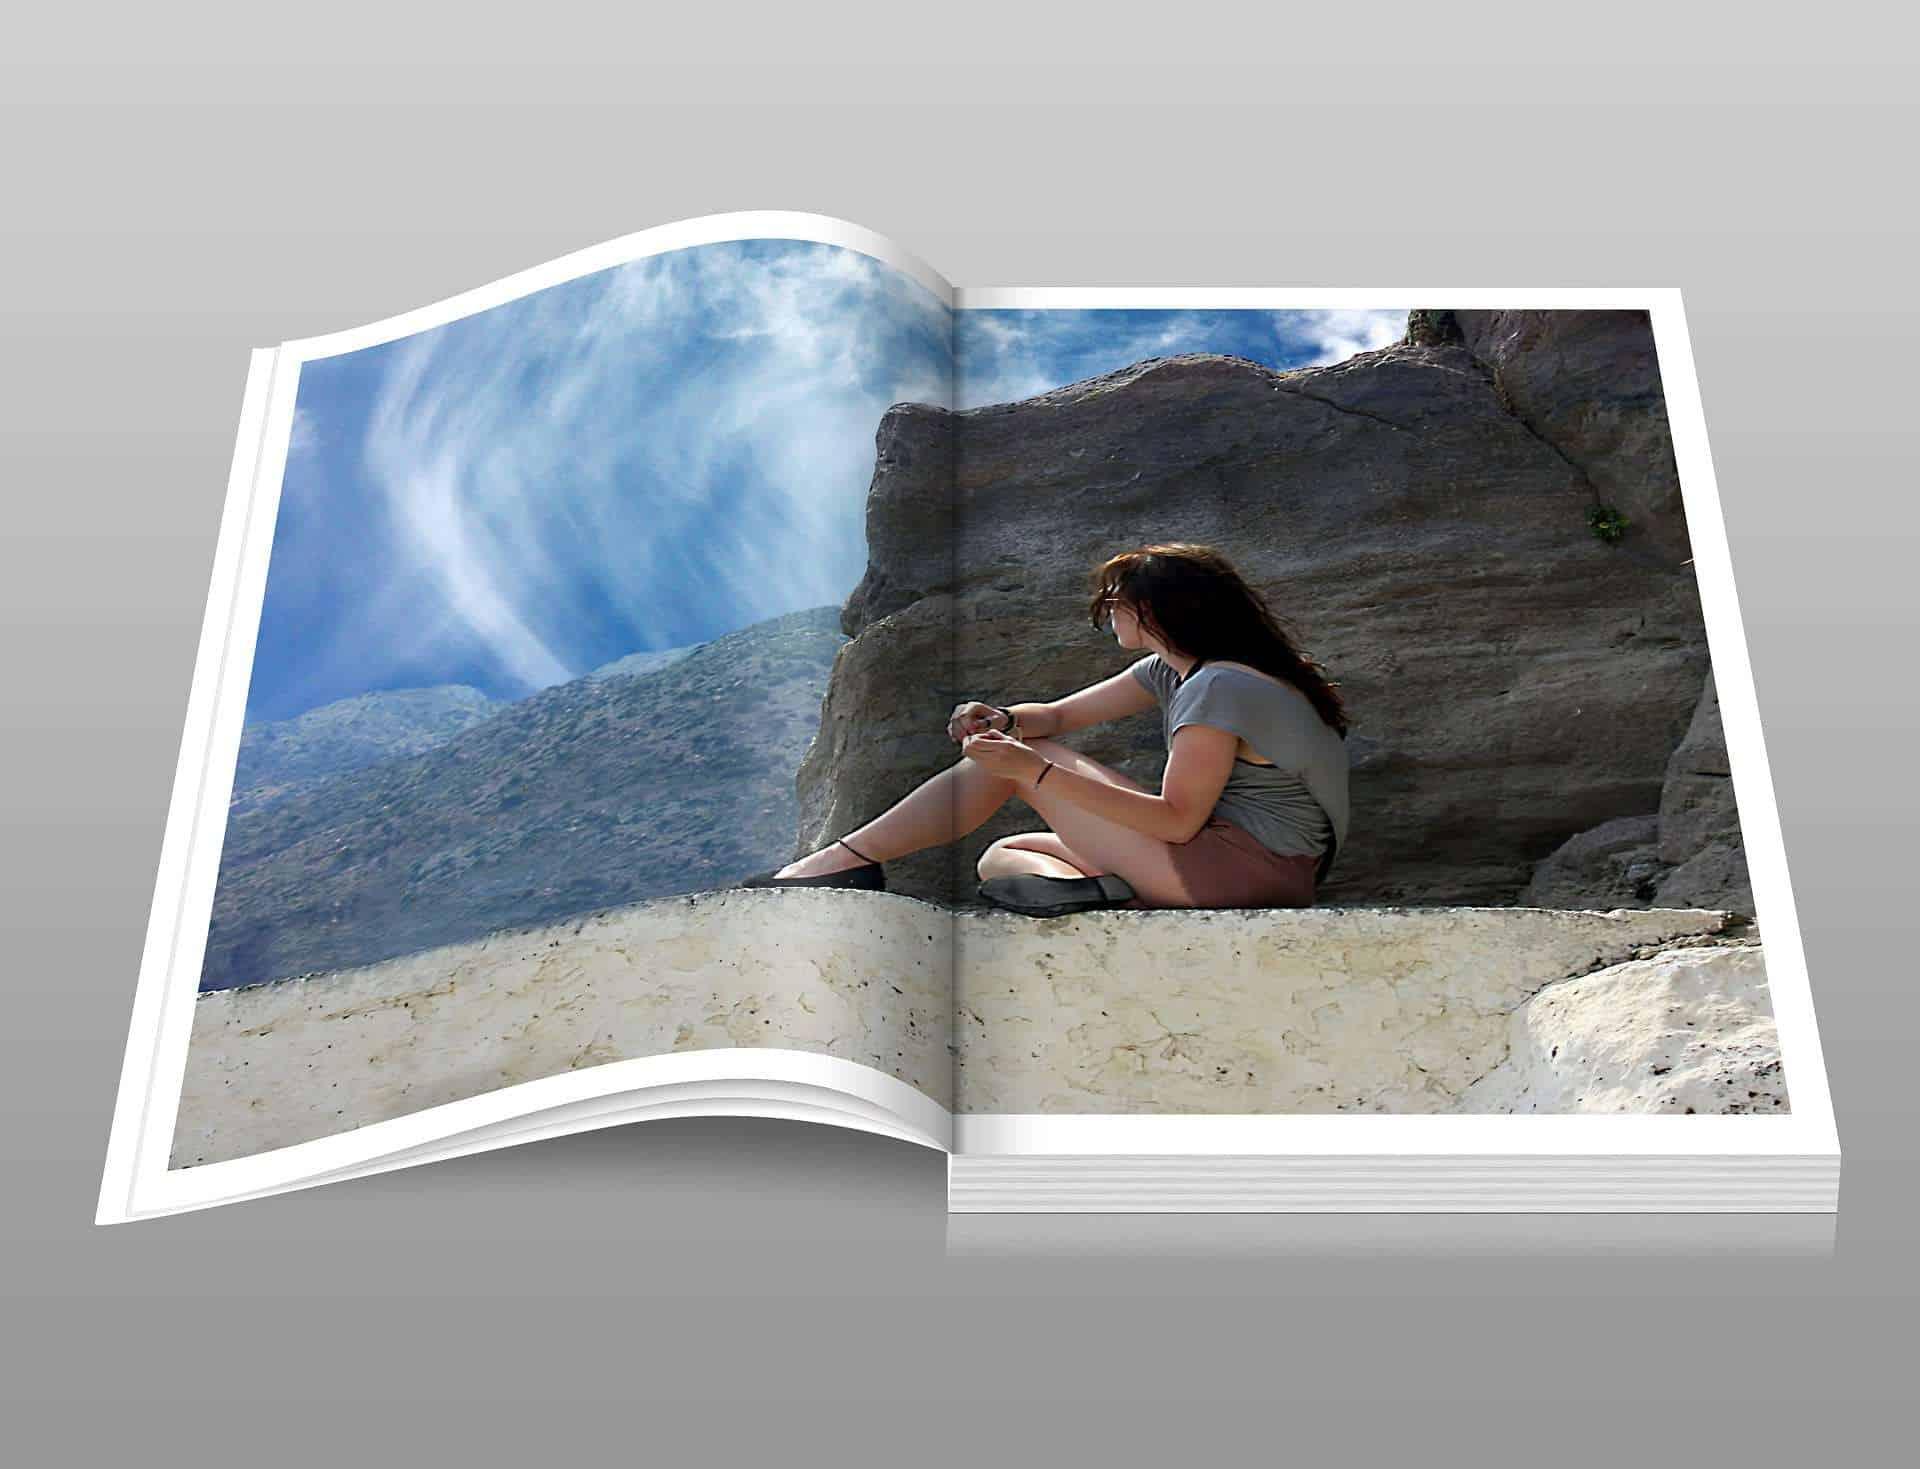 Fotolibri personalizzati: rendi indelebili i tuoi ricordi di viaggio